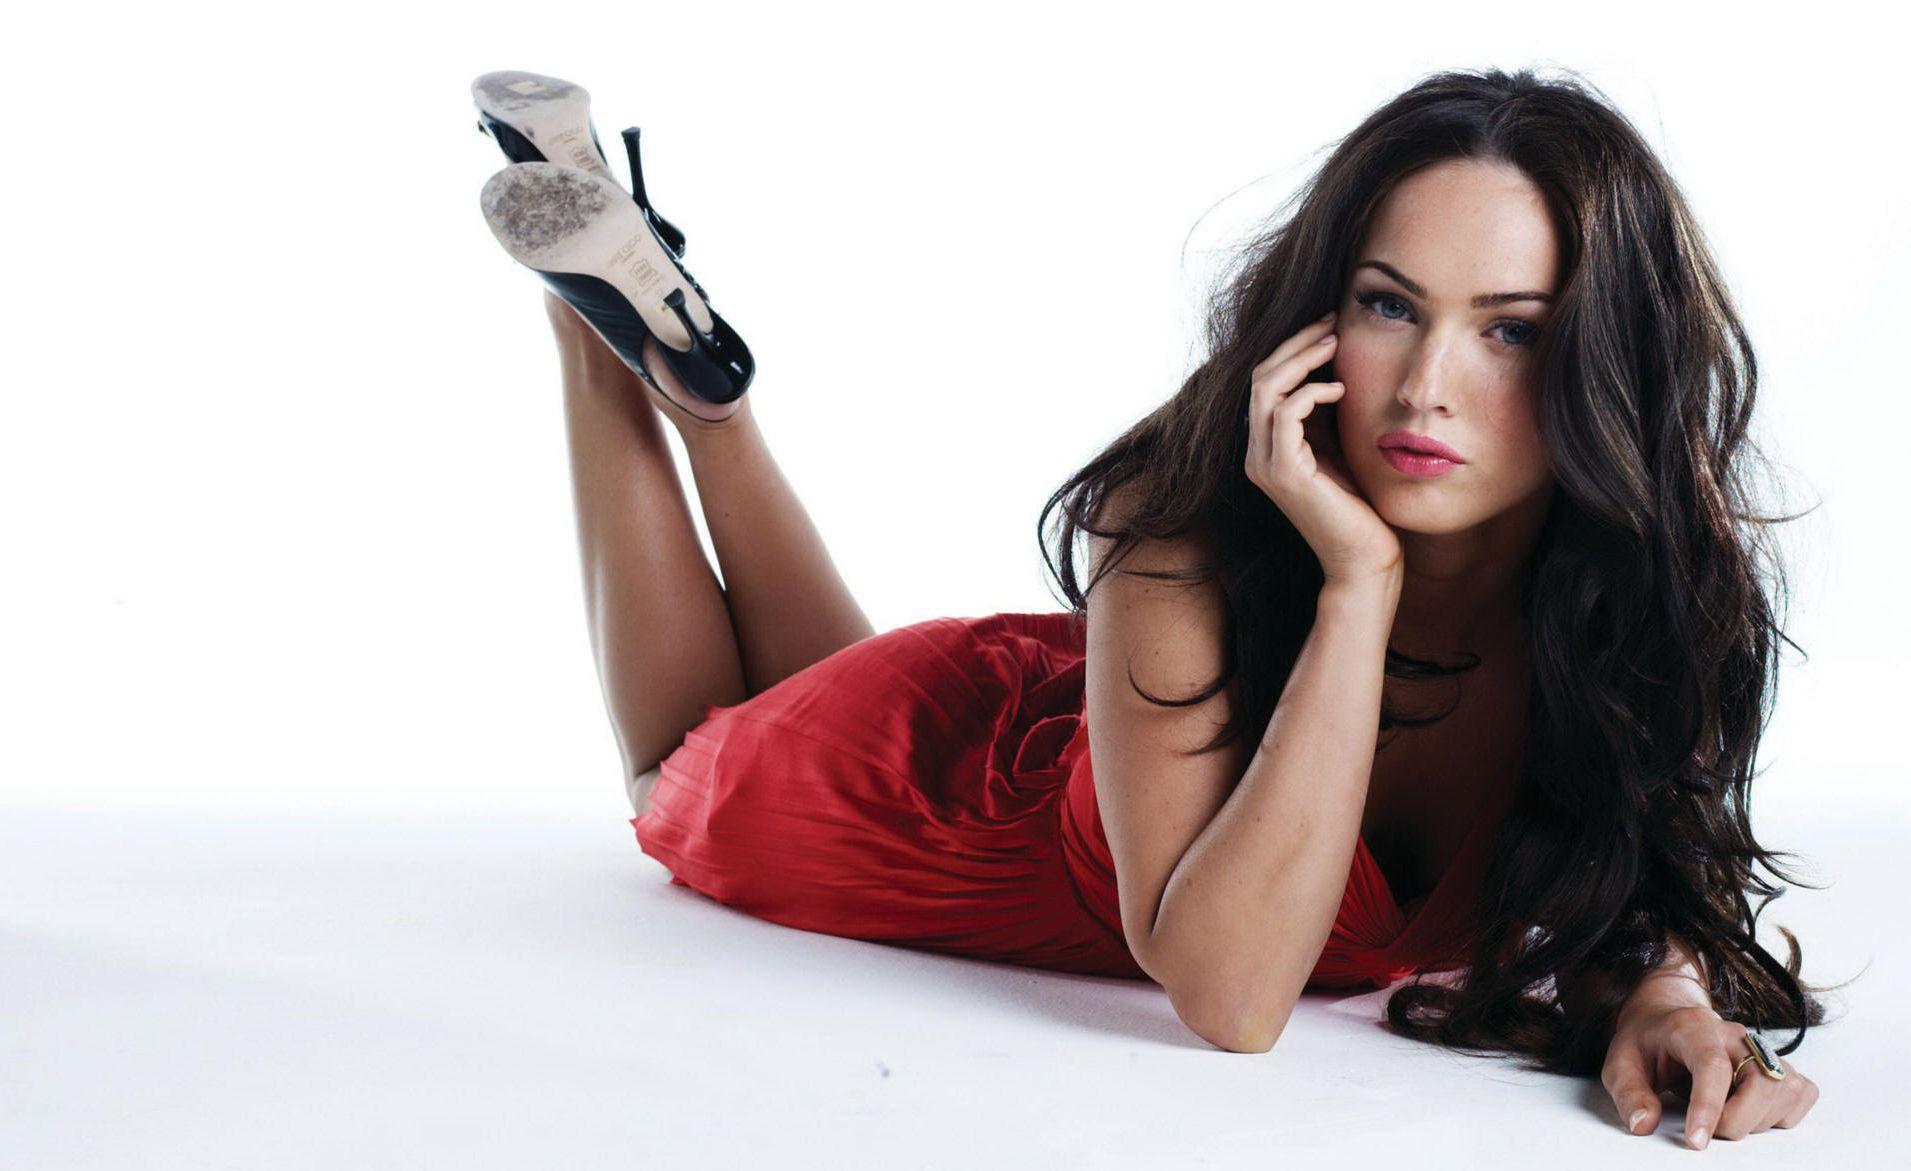 fotos sexys y calientes sin ropa #sexy #sexo #desnudo #caliente